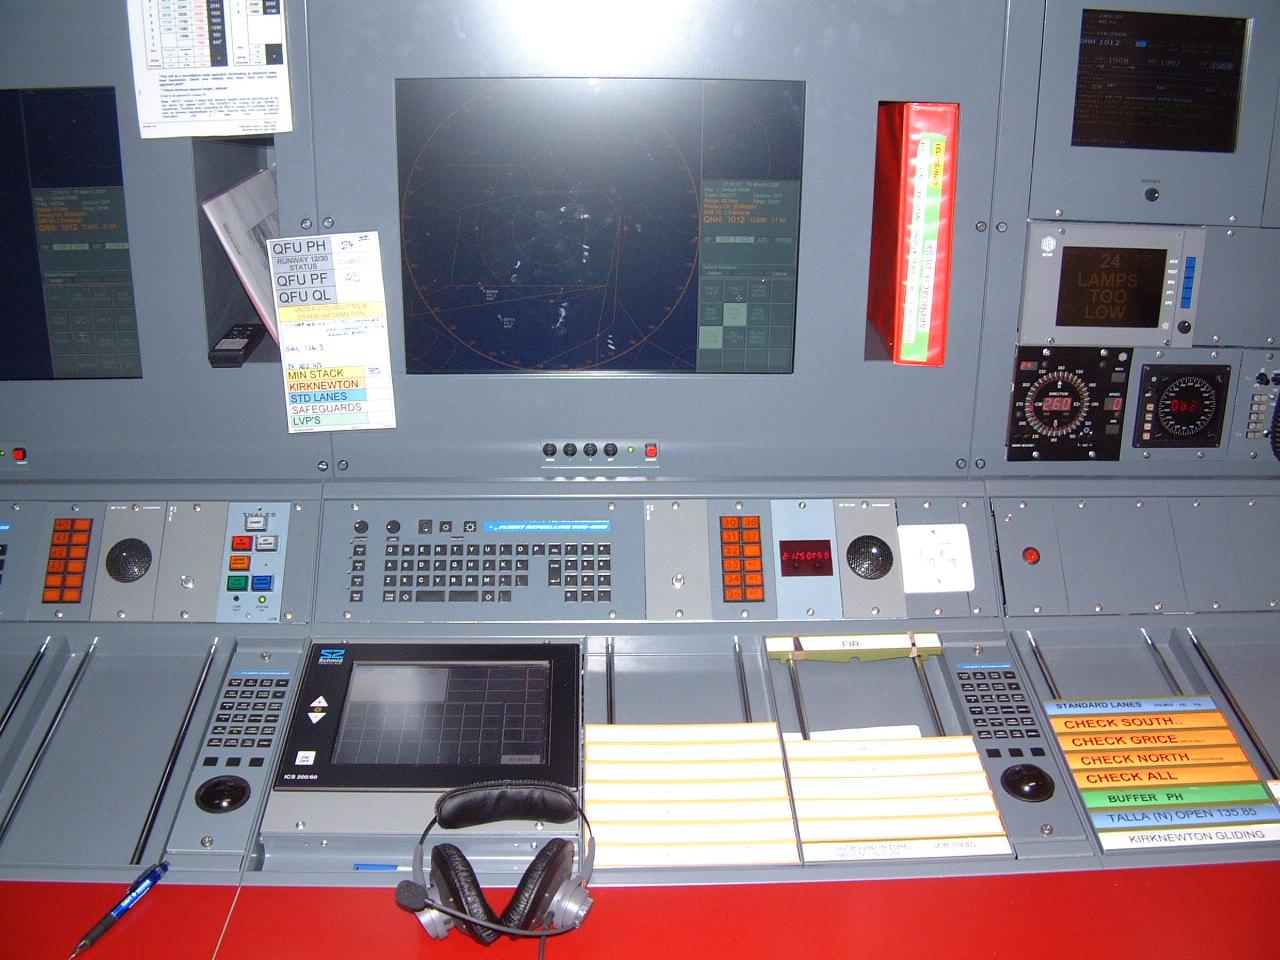 Apc Desk New Tower